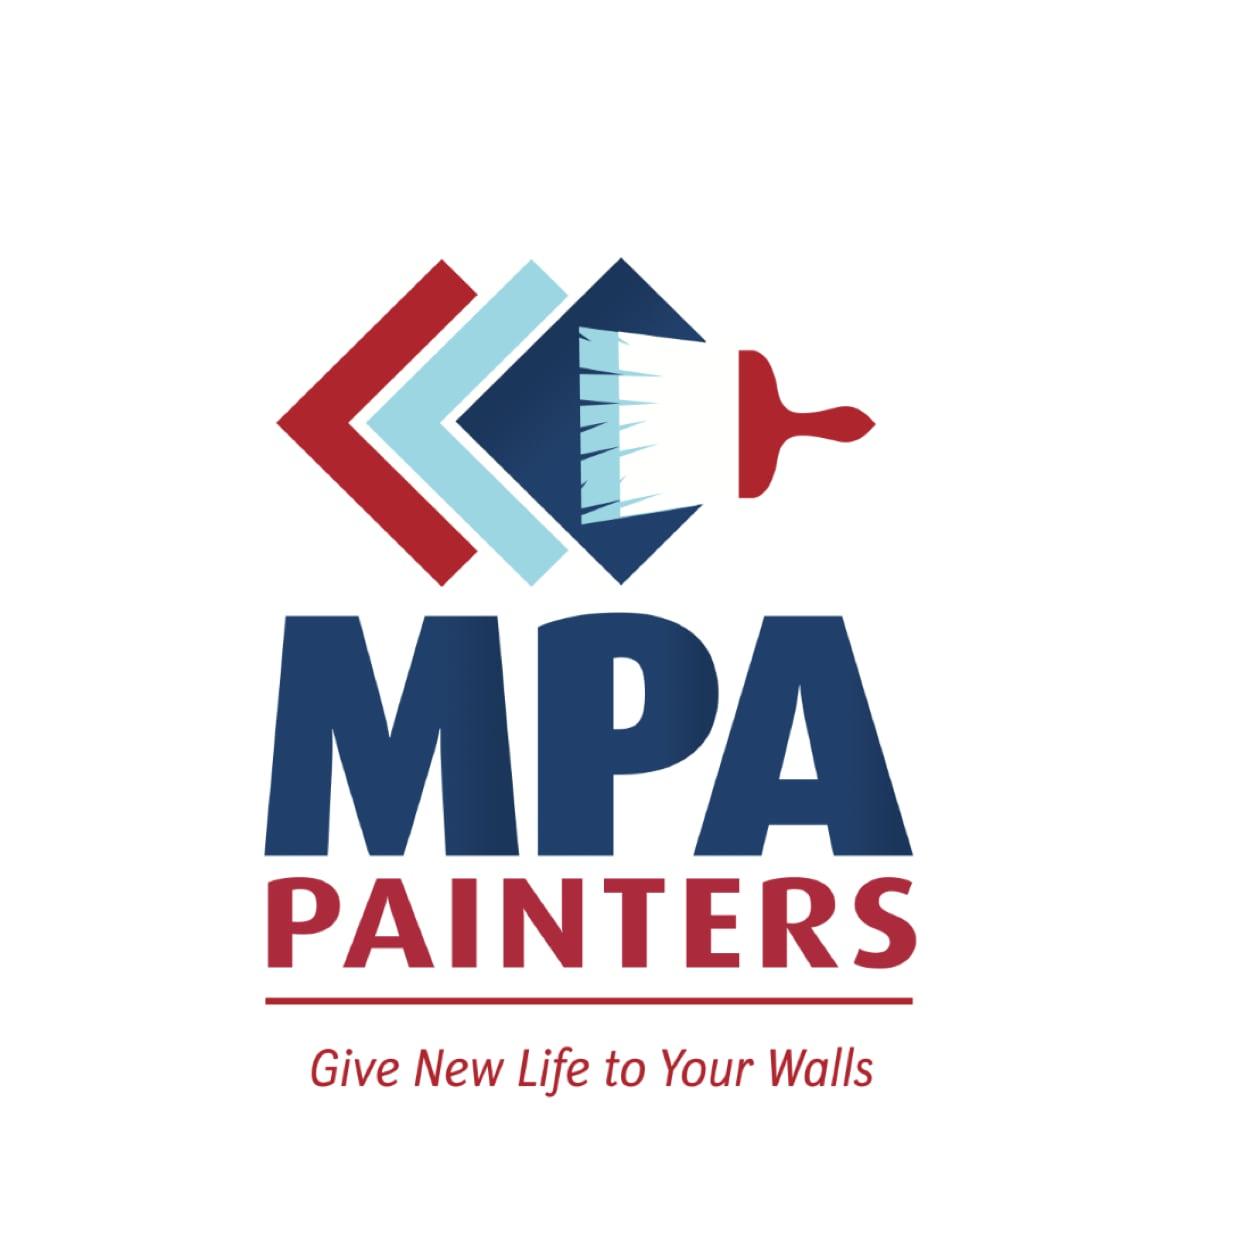 MPA Painters